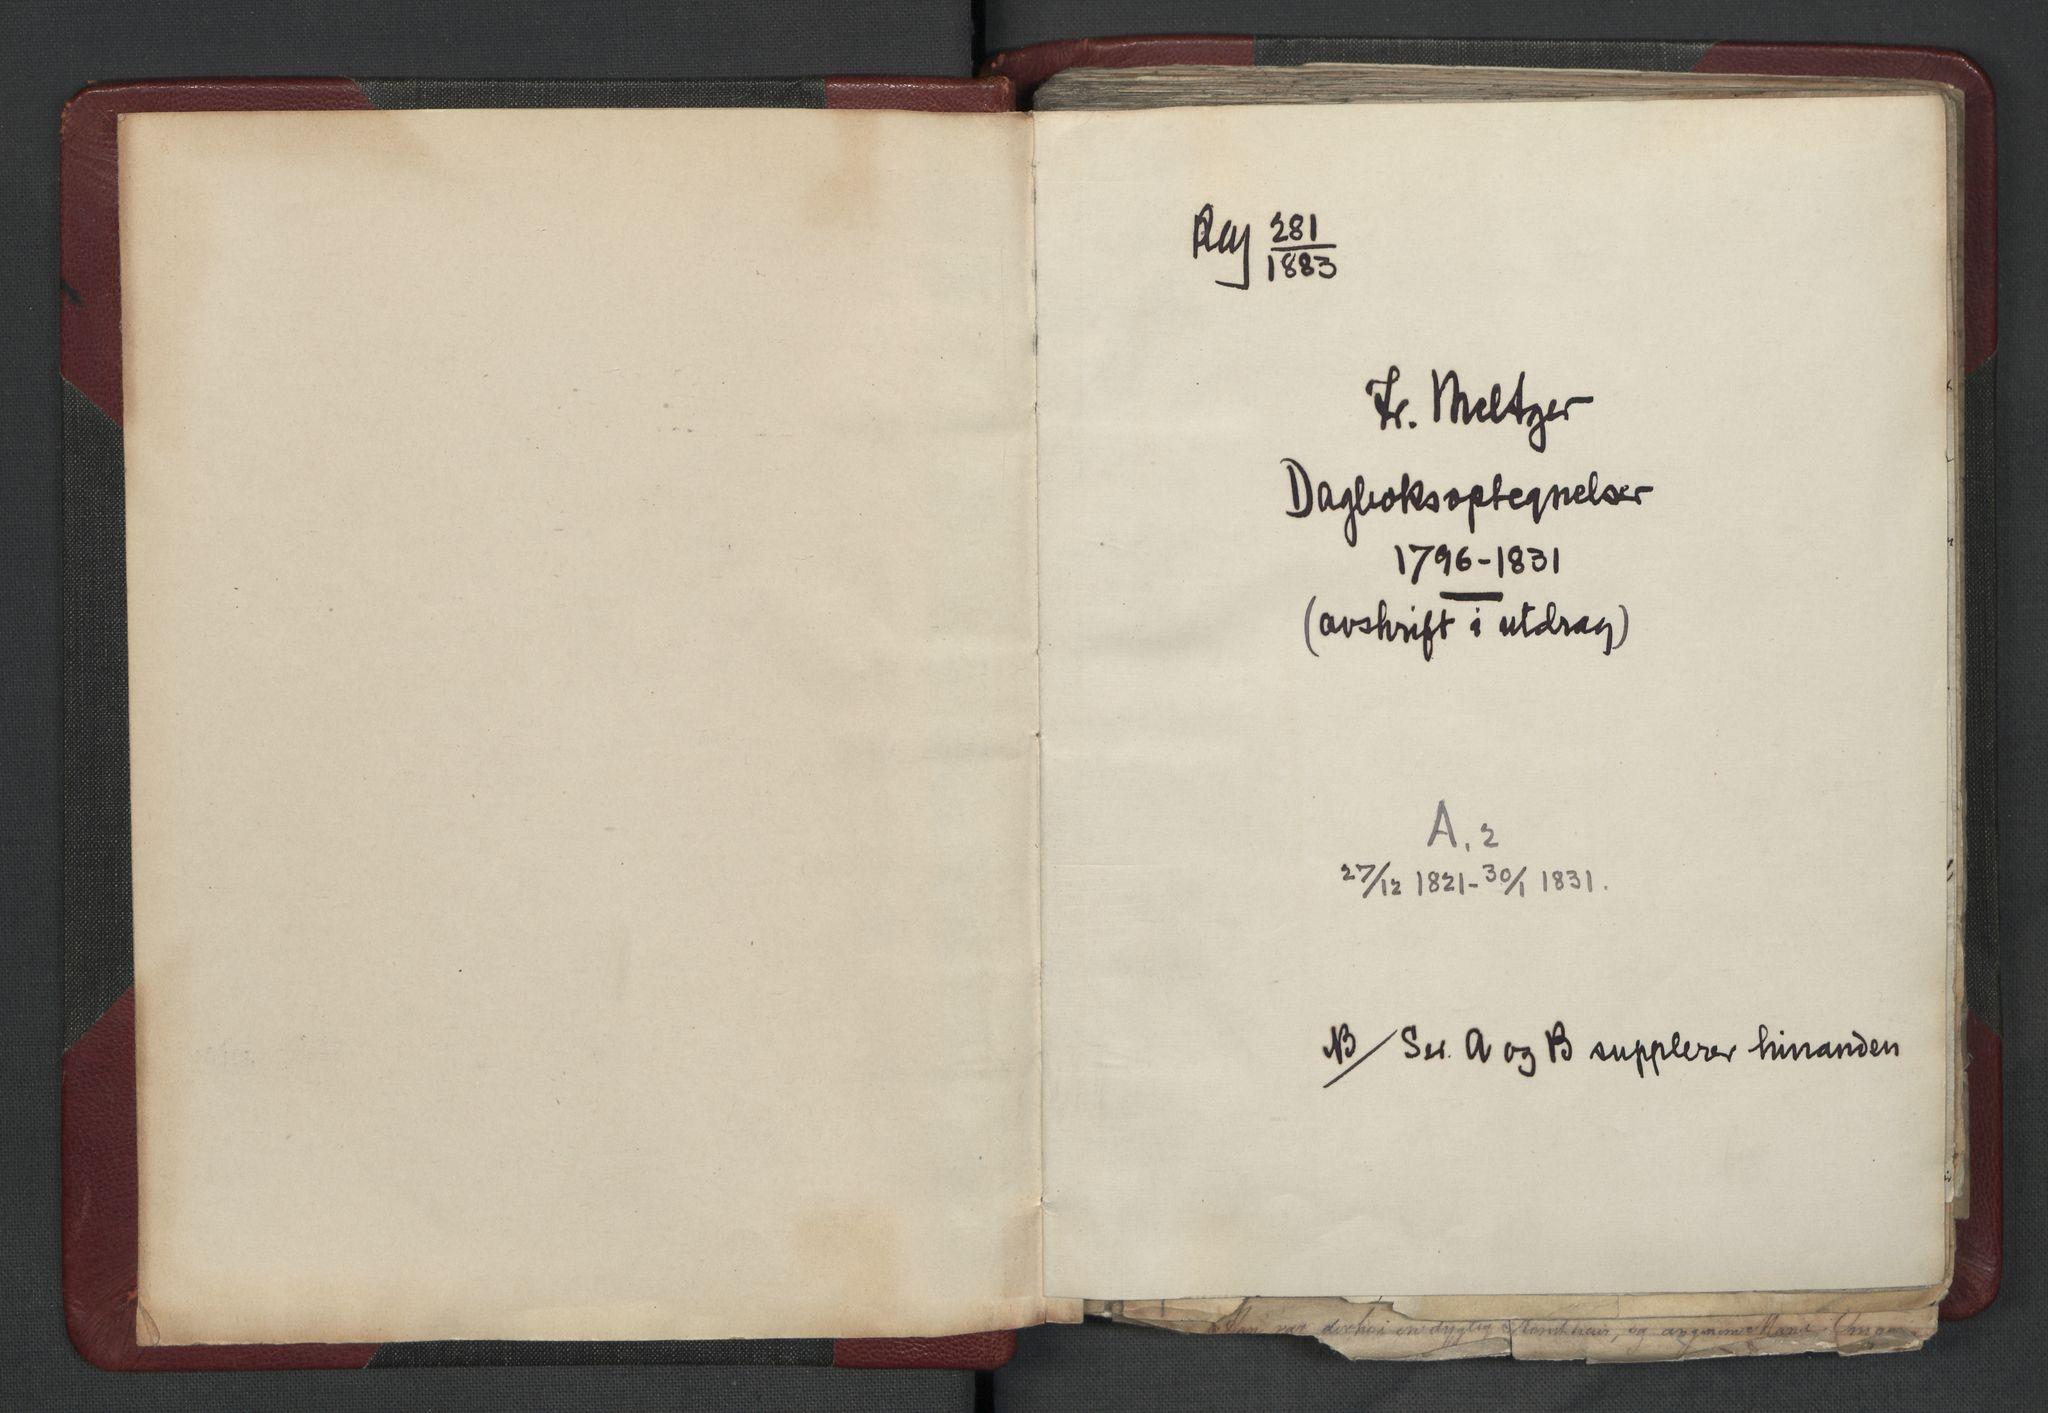 RA, Meltzer, Fredrik, F/L0003: Dagbok, 1821-1831, s. upaginert